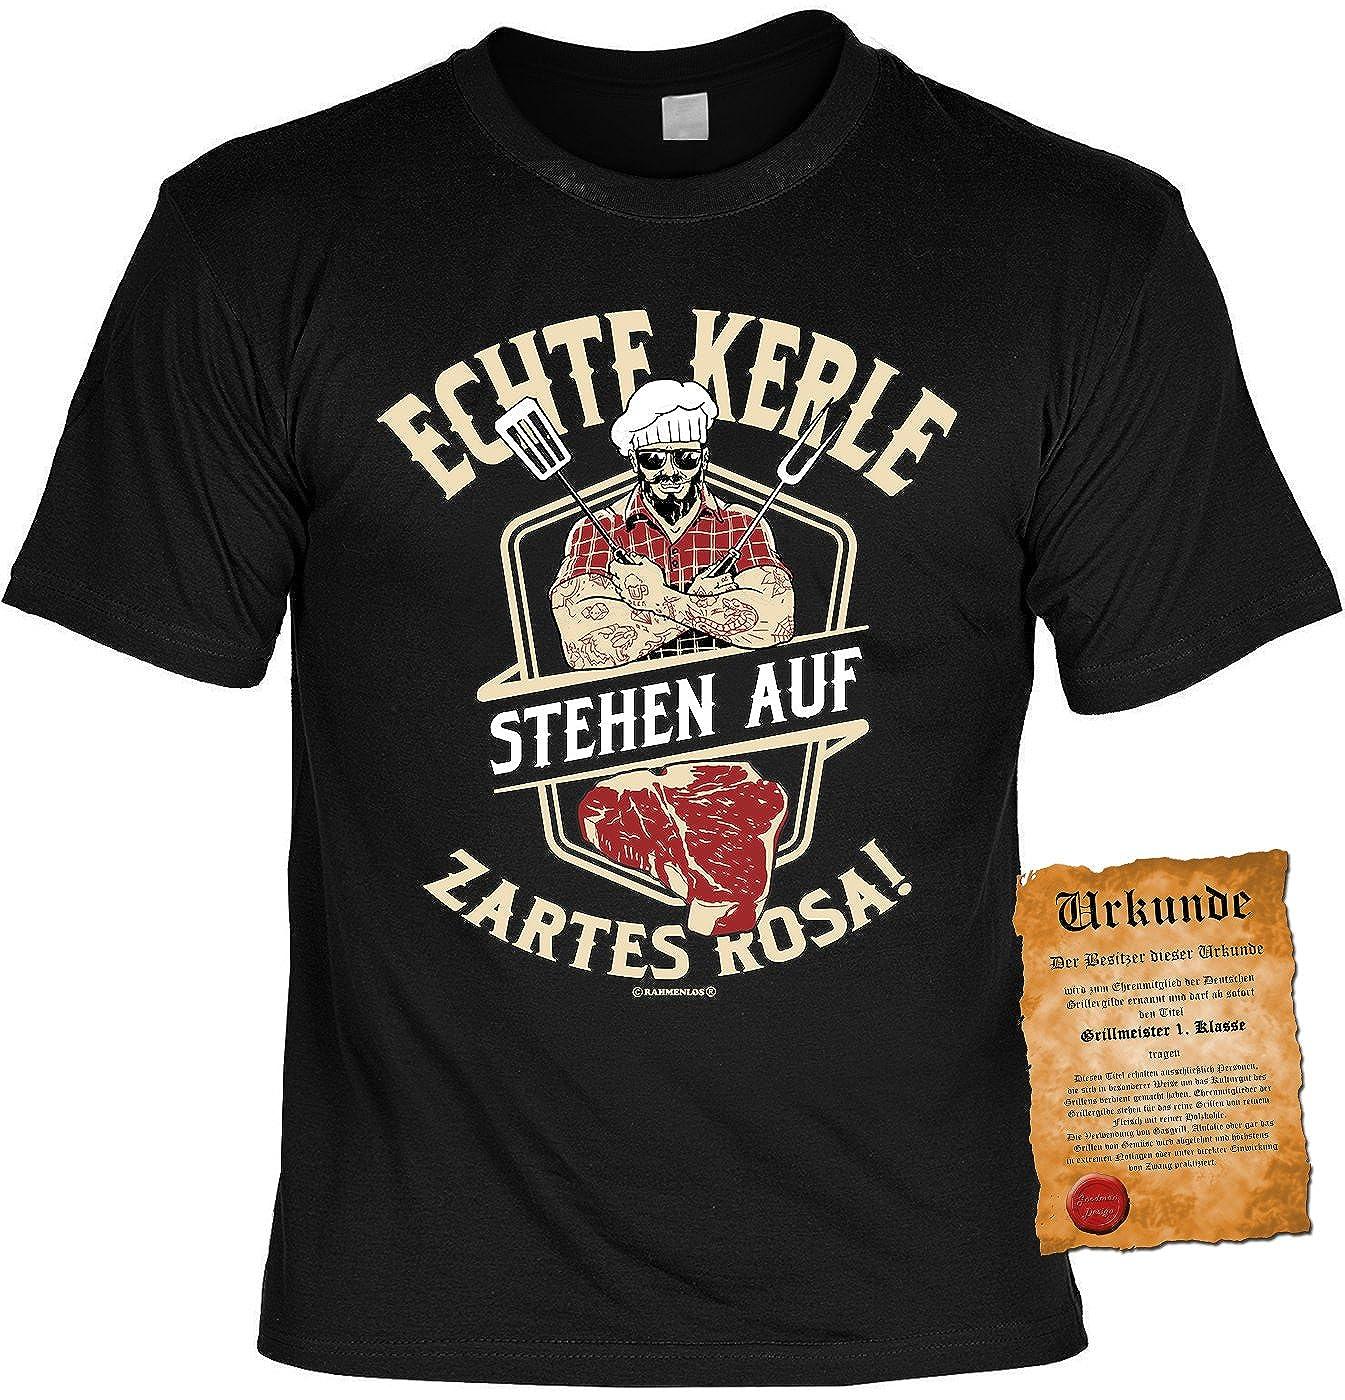 Echte Kerle Stehen auf zartes Rosa Herren Shirts Schwarz Lustiges Geschenk-Set Bedruckt mit Grillmeister-Urkunde Grill T-Shirt f/ür M/änner